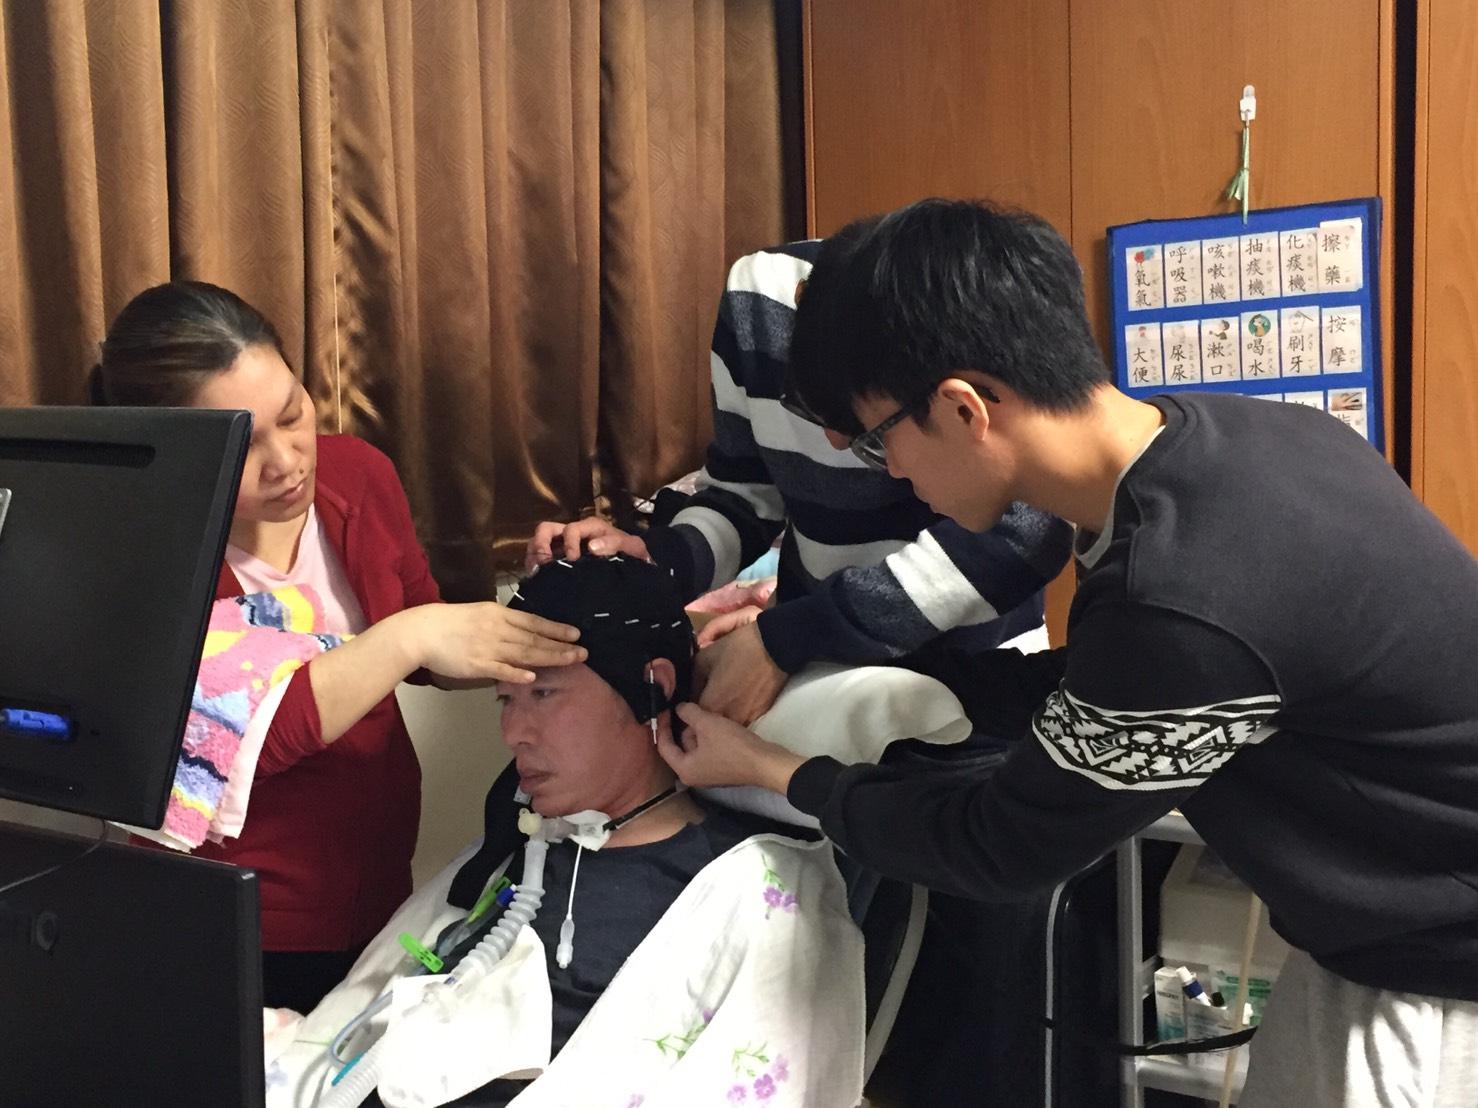 研發團隊為漸凍症患者劉老師戴上腦波帽,一旁看護在側確認劉老師的眼神,以確保是否有不舒服。(攝影/廖元鈴)